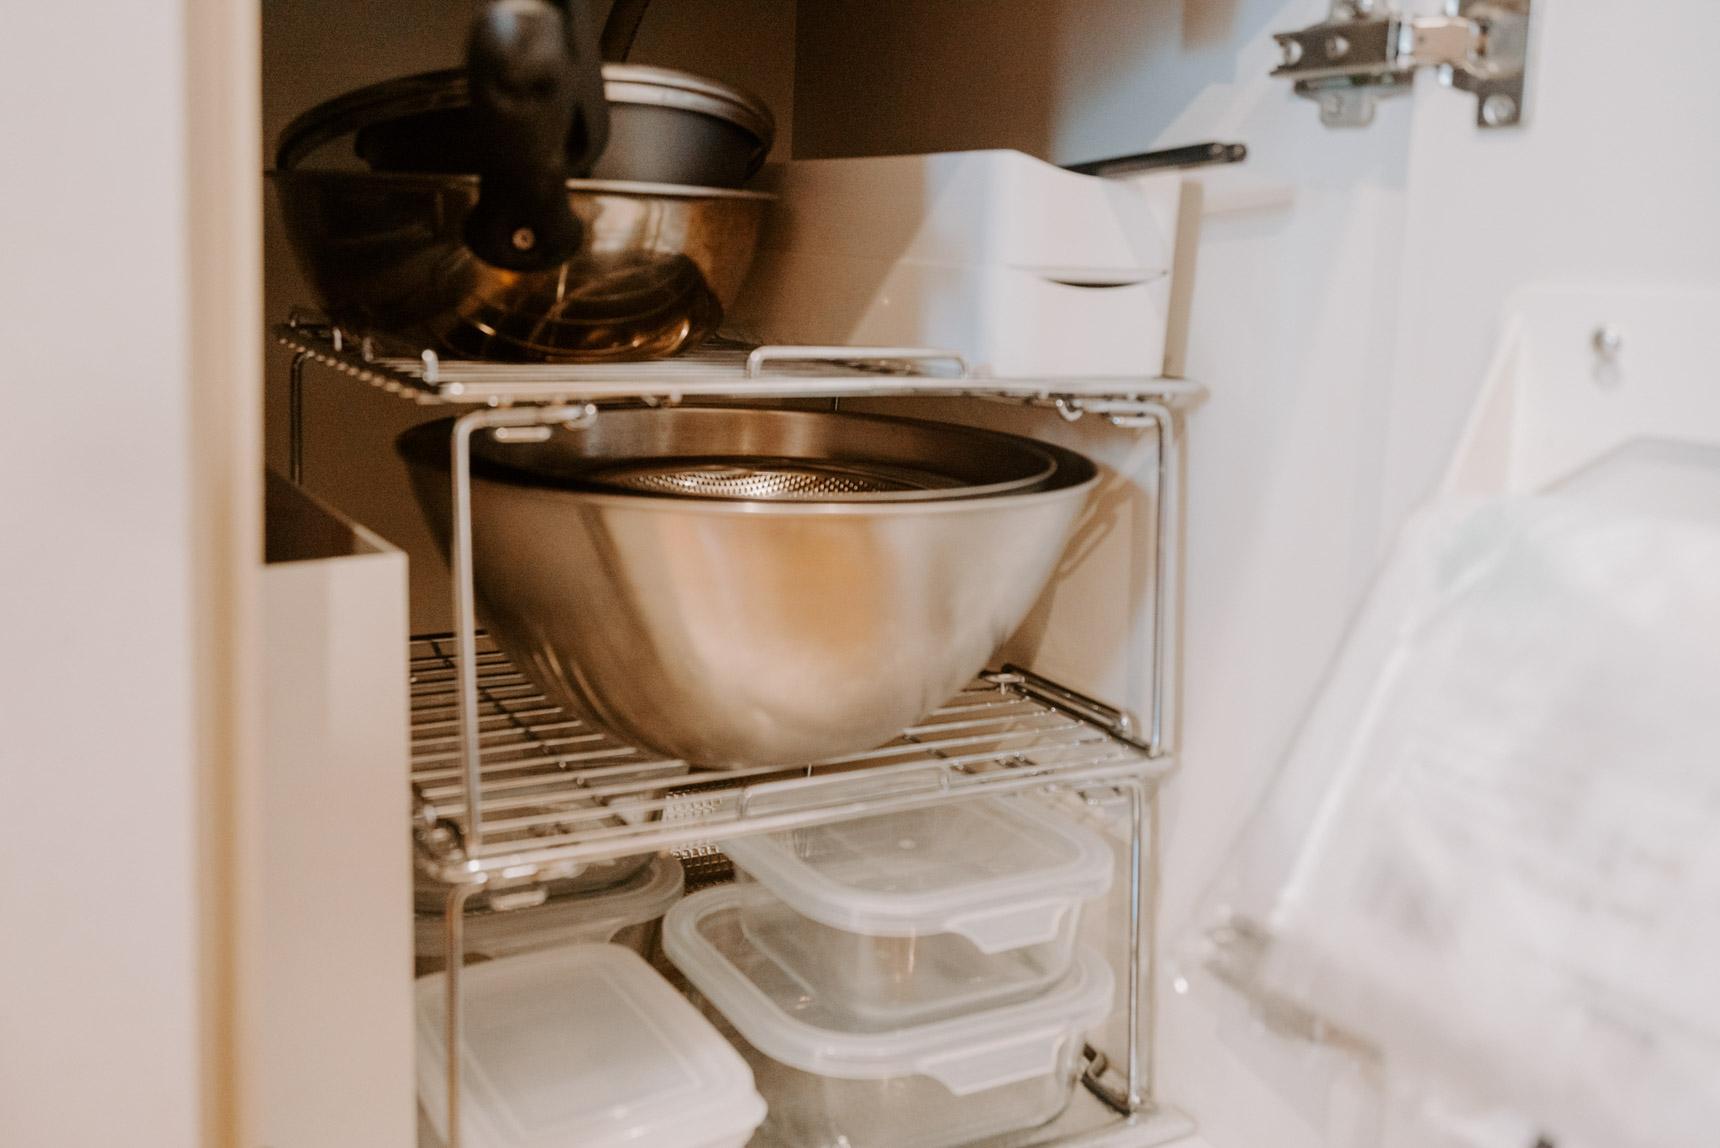 重めの鍋やフライパンを載せるならプラスチックよりもステンレスが丈夫でおすすめ。こちらはニトリで購入したものです。(このお部屋を見る)